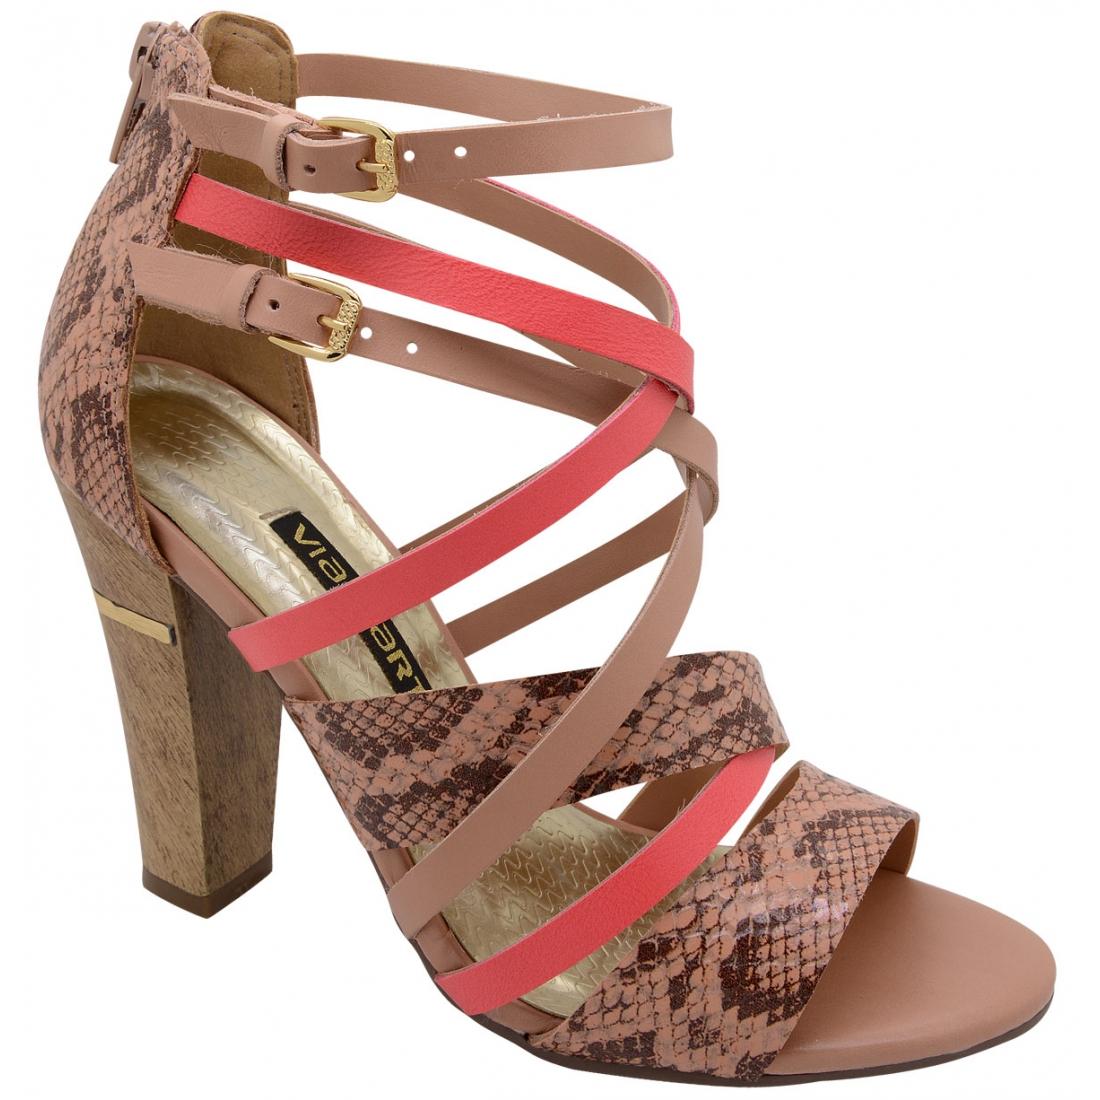 7d1941f33 TMVbijoux: Tendências - Coleção de calçados Via Marte Primavera e ...